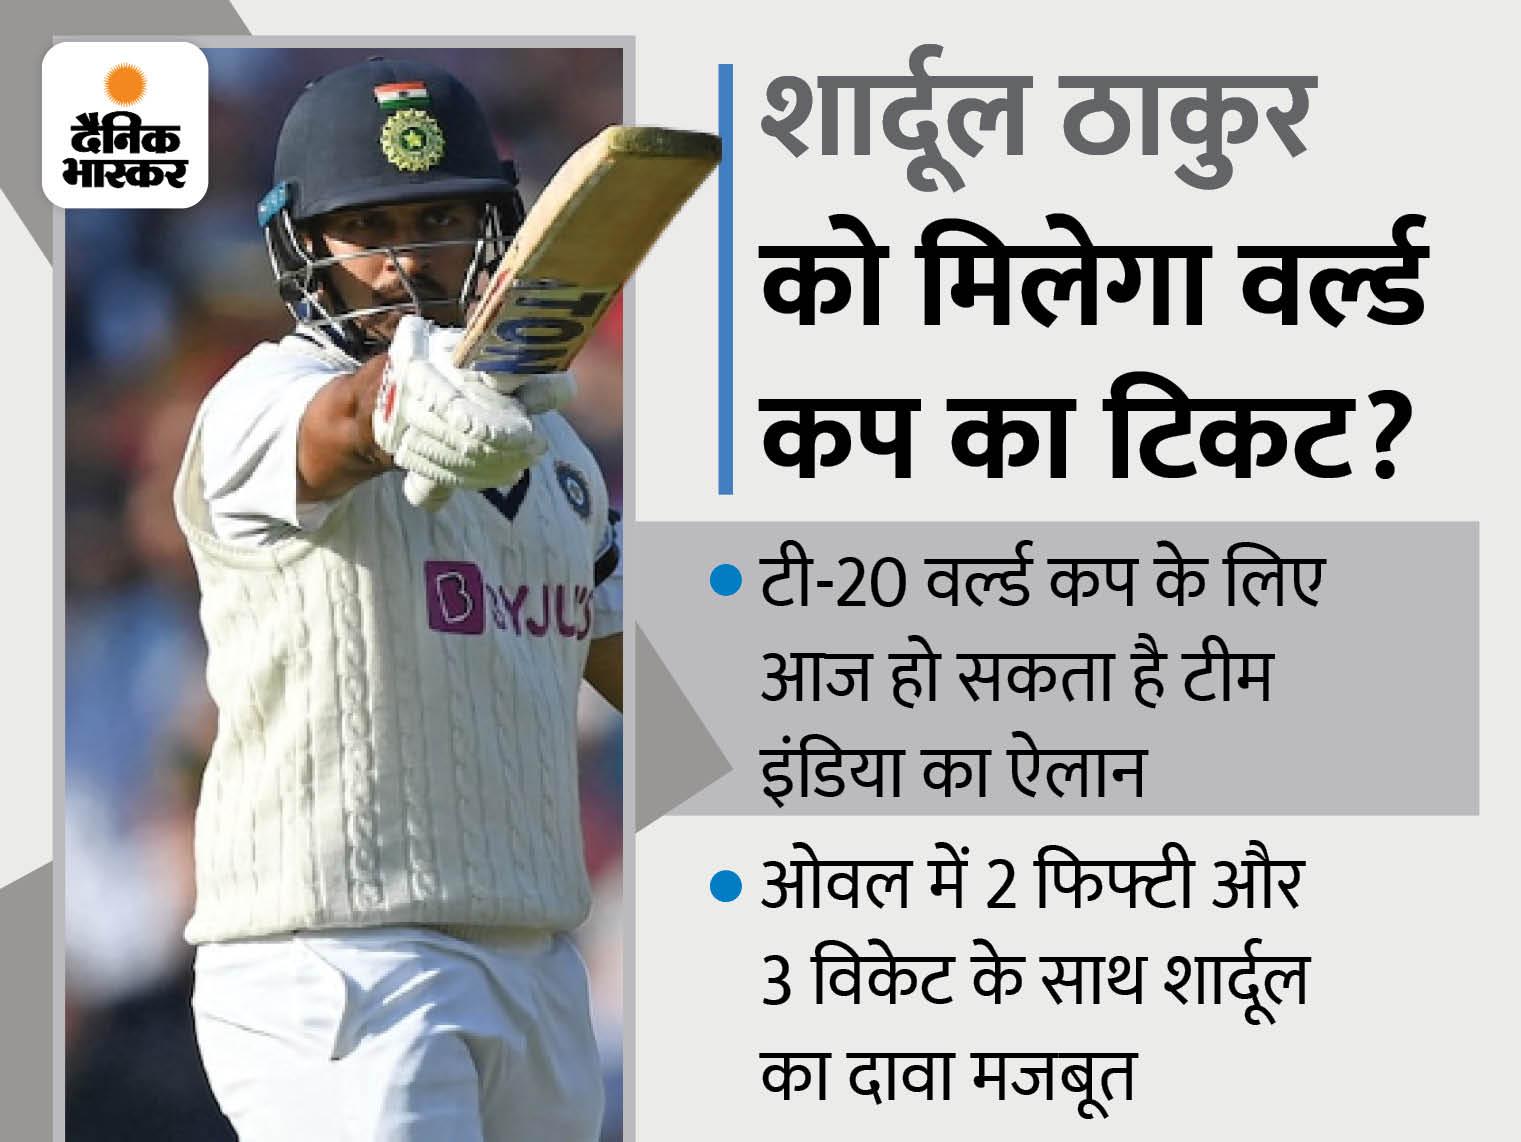 विराट कोहली पहली बार करेंगे टी-20 वर्ल्ड कप में कप्तानी, आज टीम का ऐलान संभव; ओवल टेस्ट के हीरो शार्दूल पर नजरें क्रिकेट,Cricket - Dainik Bhaskar